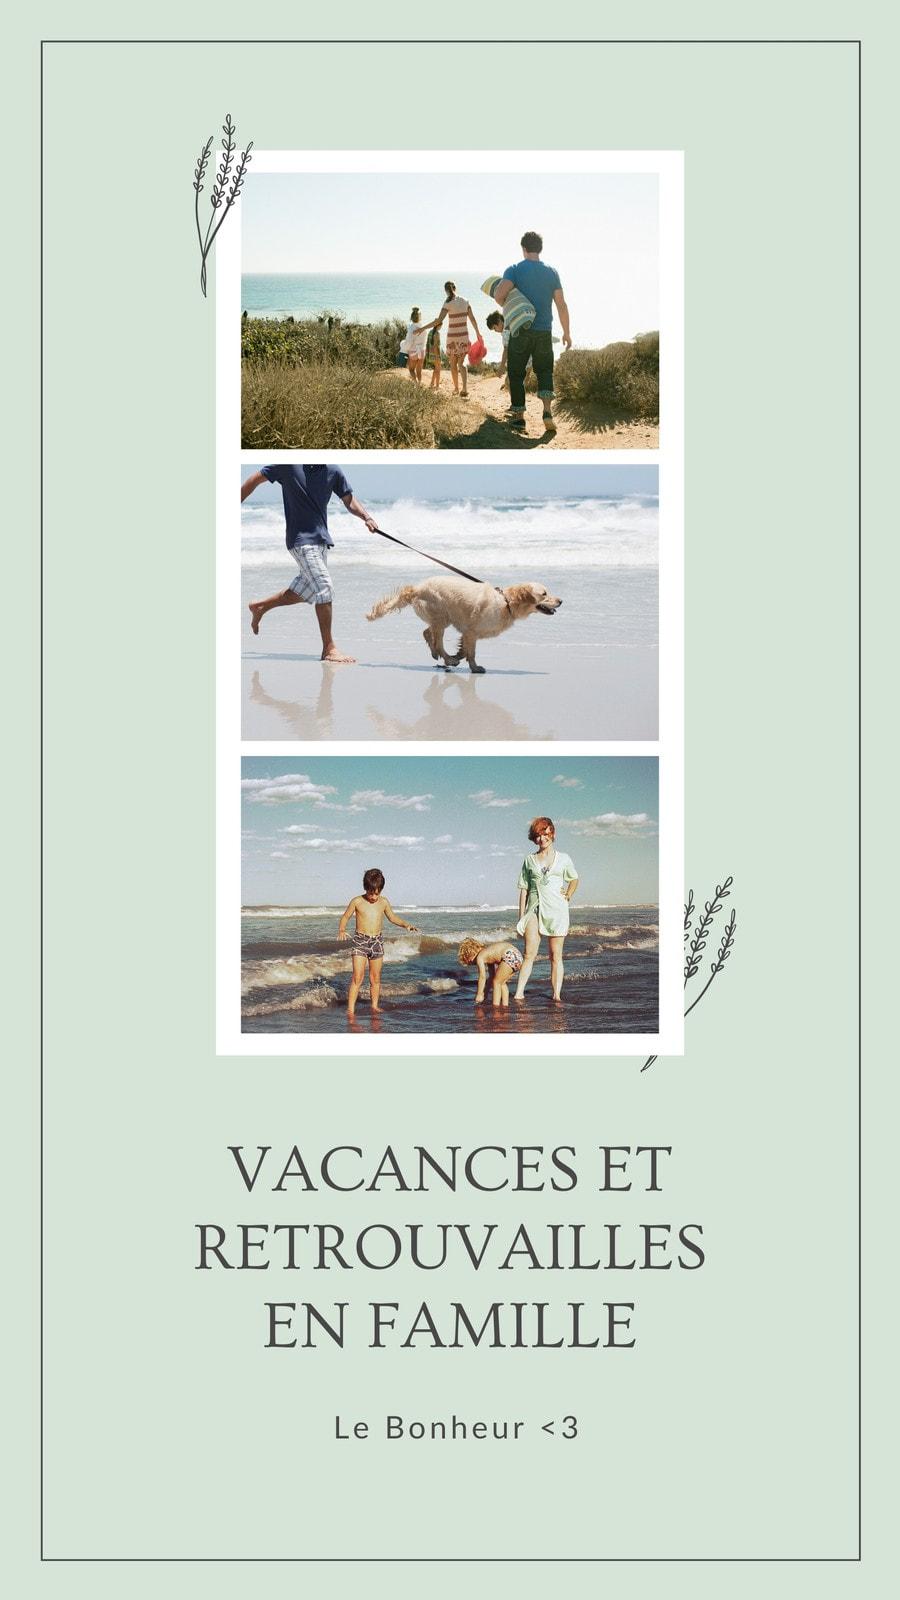 Story photomontage vacances, illustrée sur fond vert anis